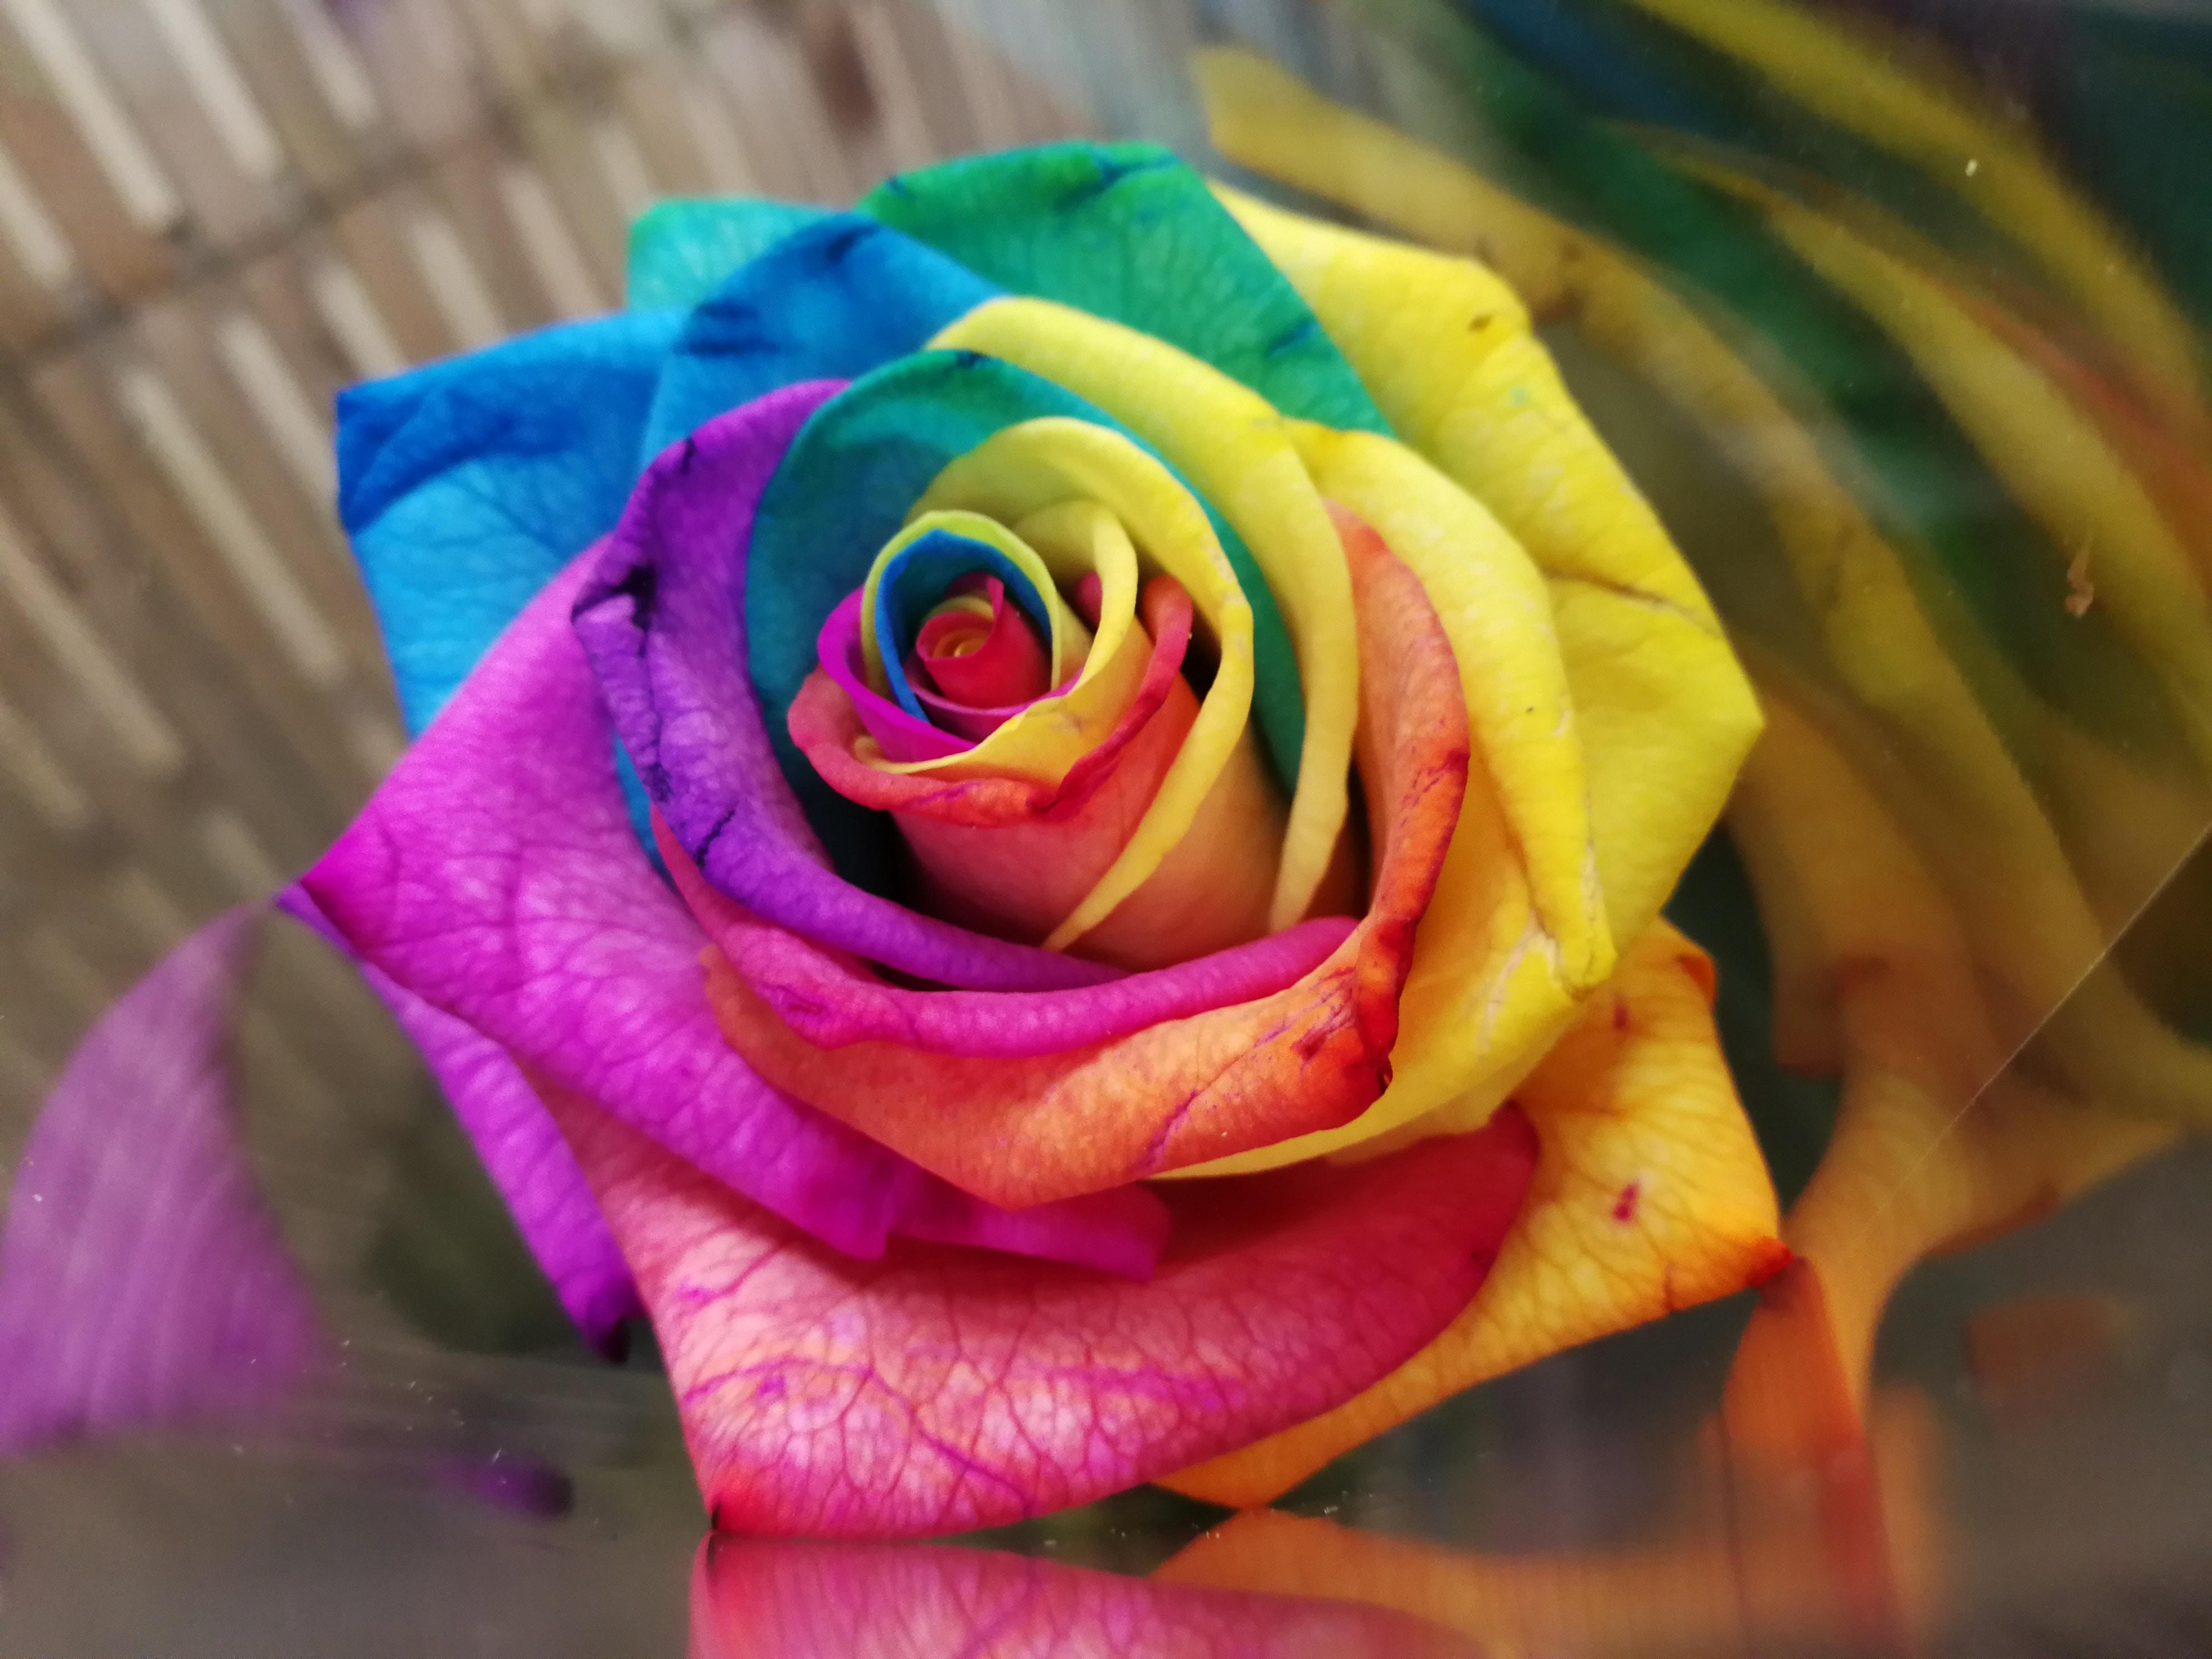 Descubre todo sobre las semillas de rosas - Fotos de rosas de colores ...